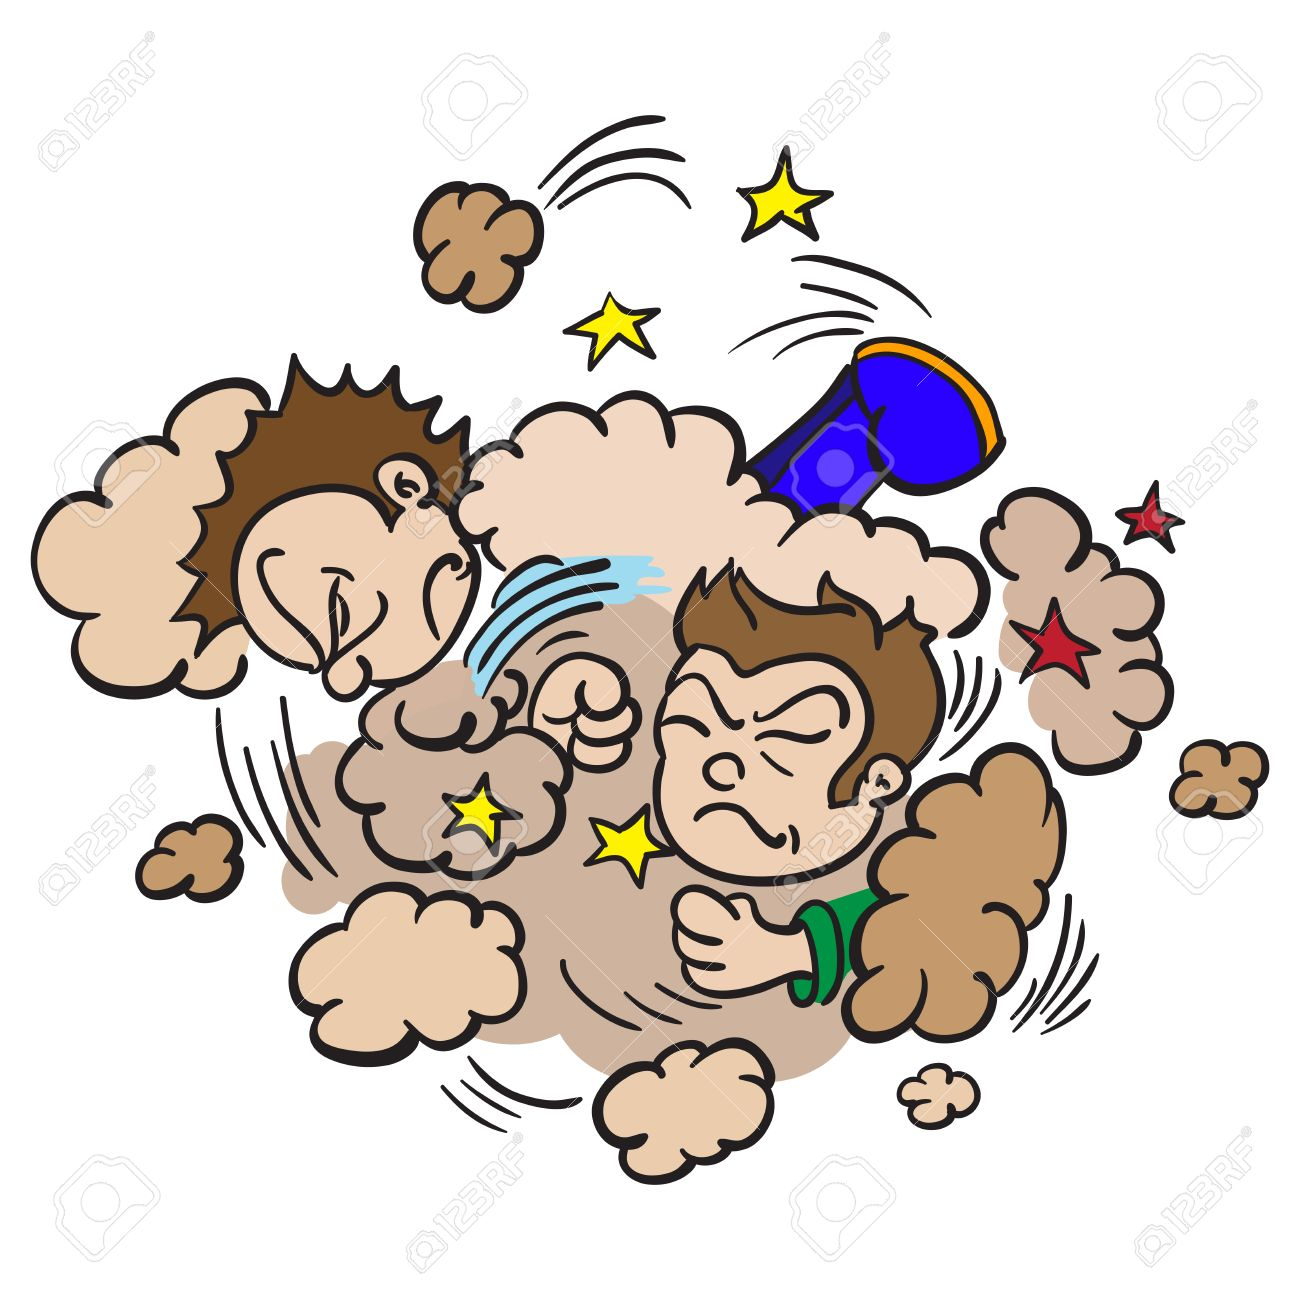 Ilustración De Dibujos Animados De Dos Niños Luchando En Una Nube De